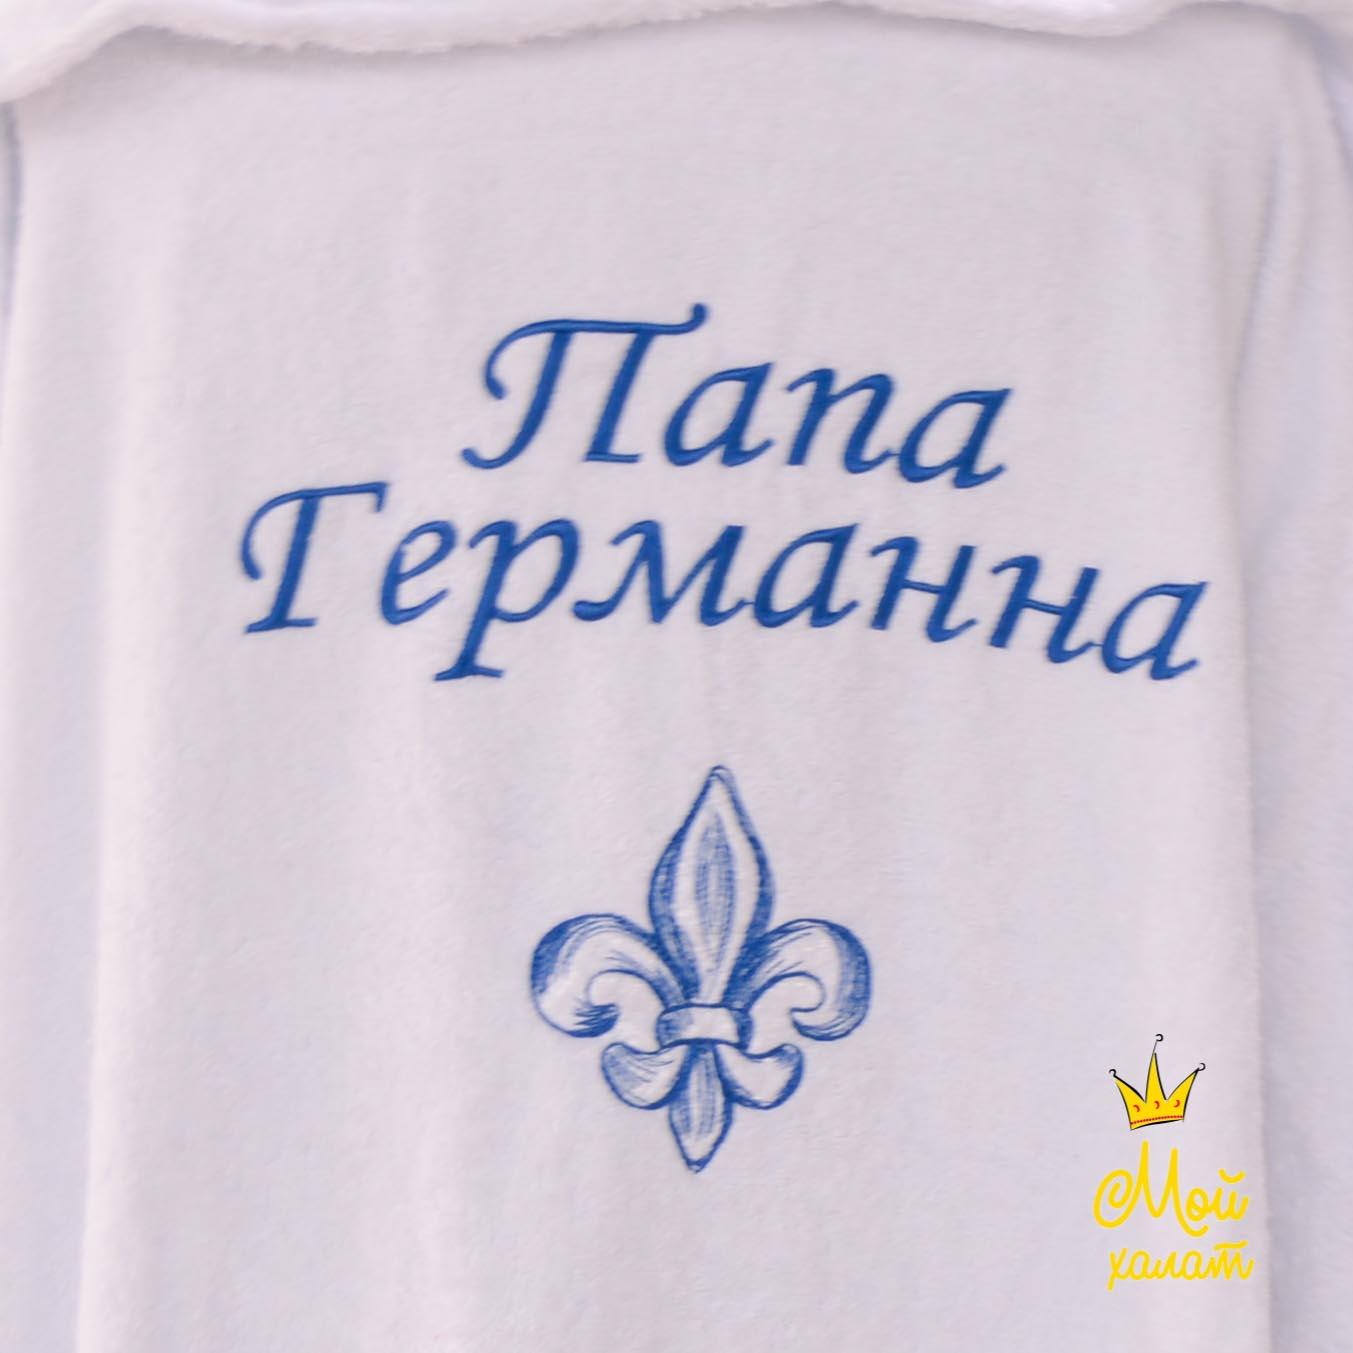 Заказать халат с именной вышивкой украина 25